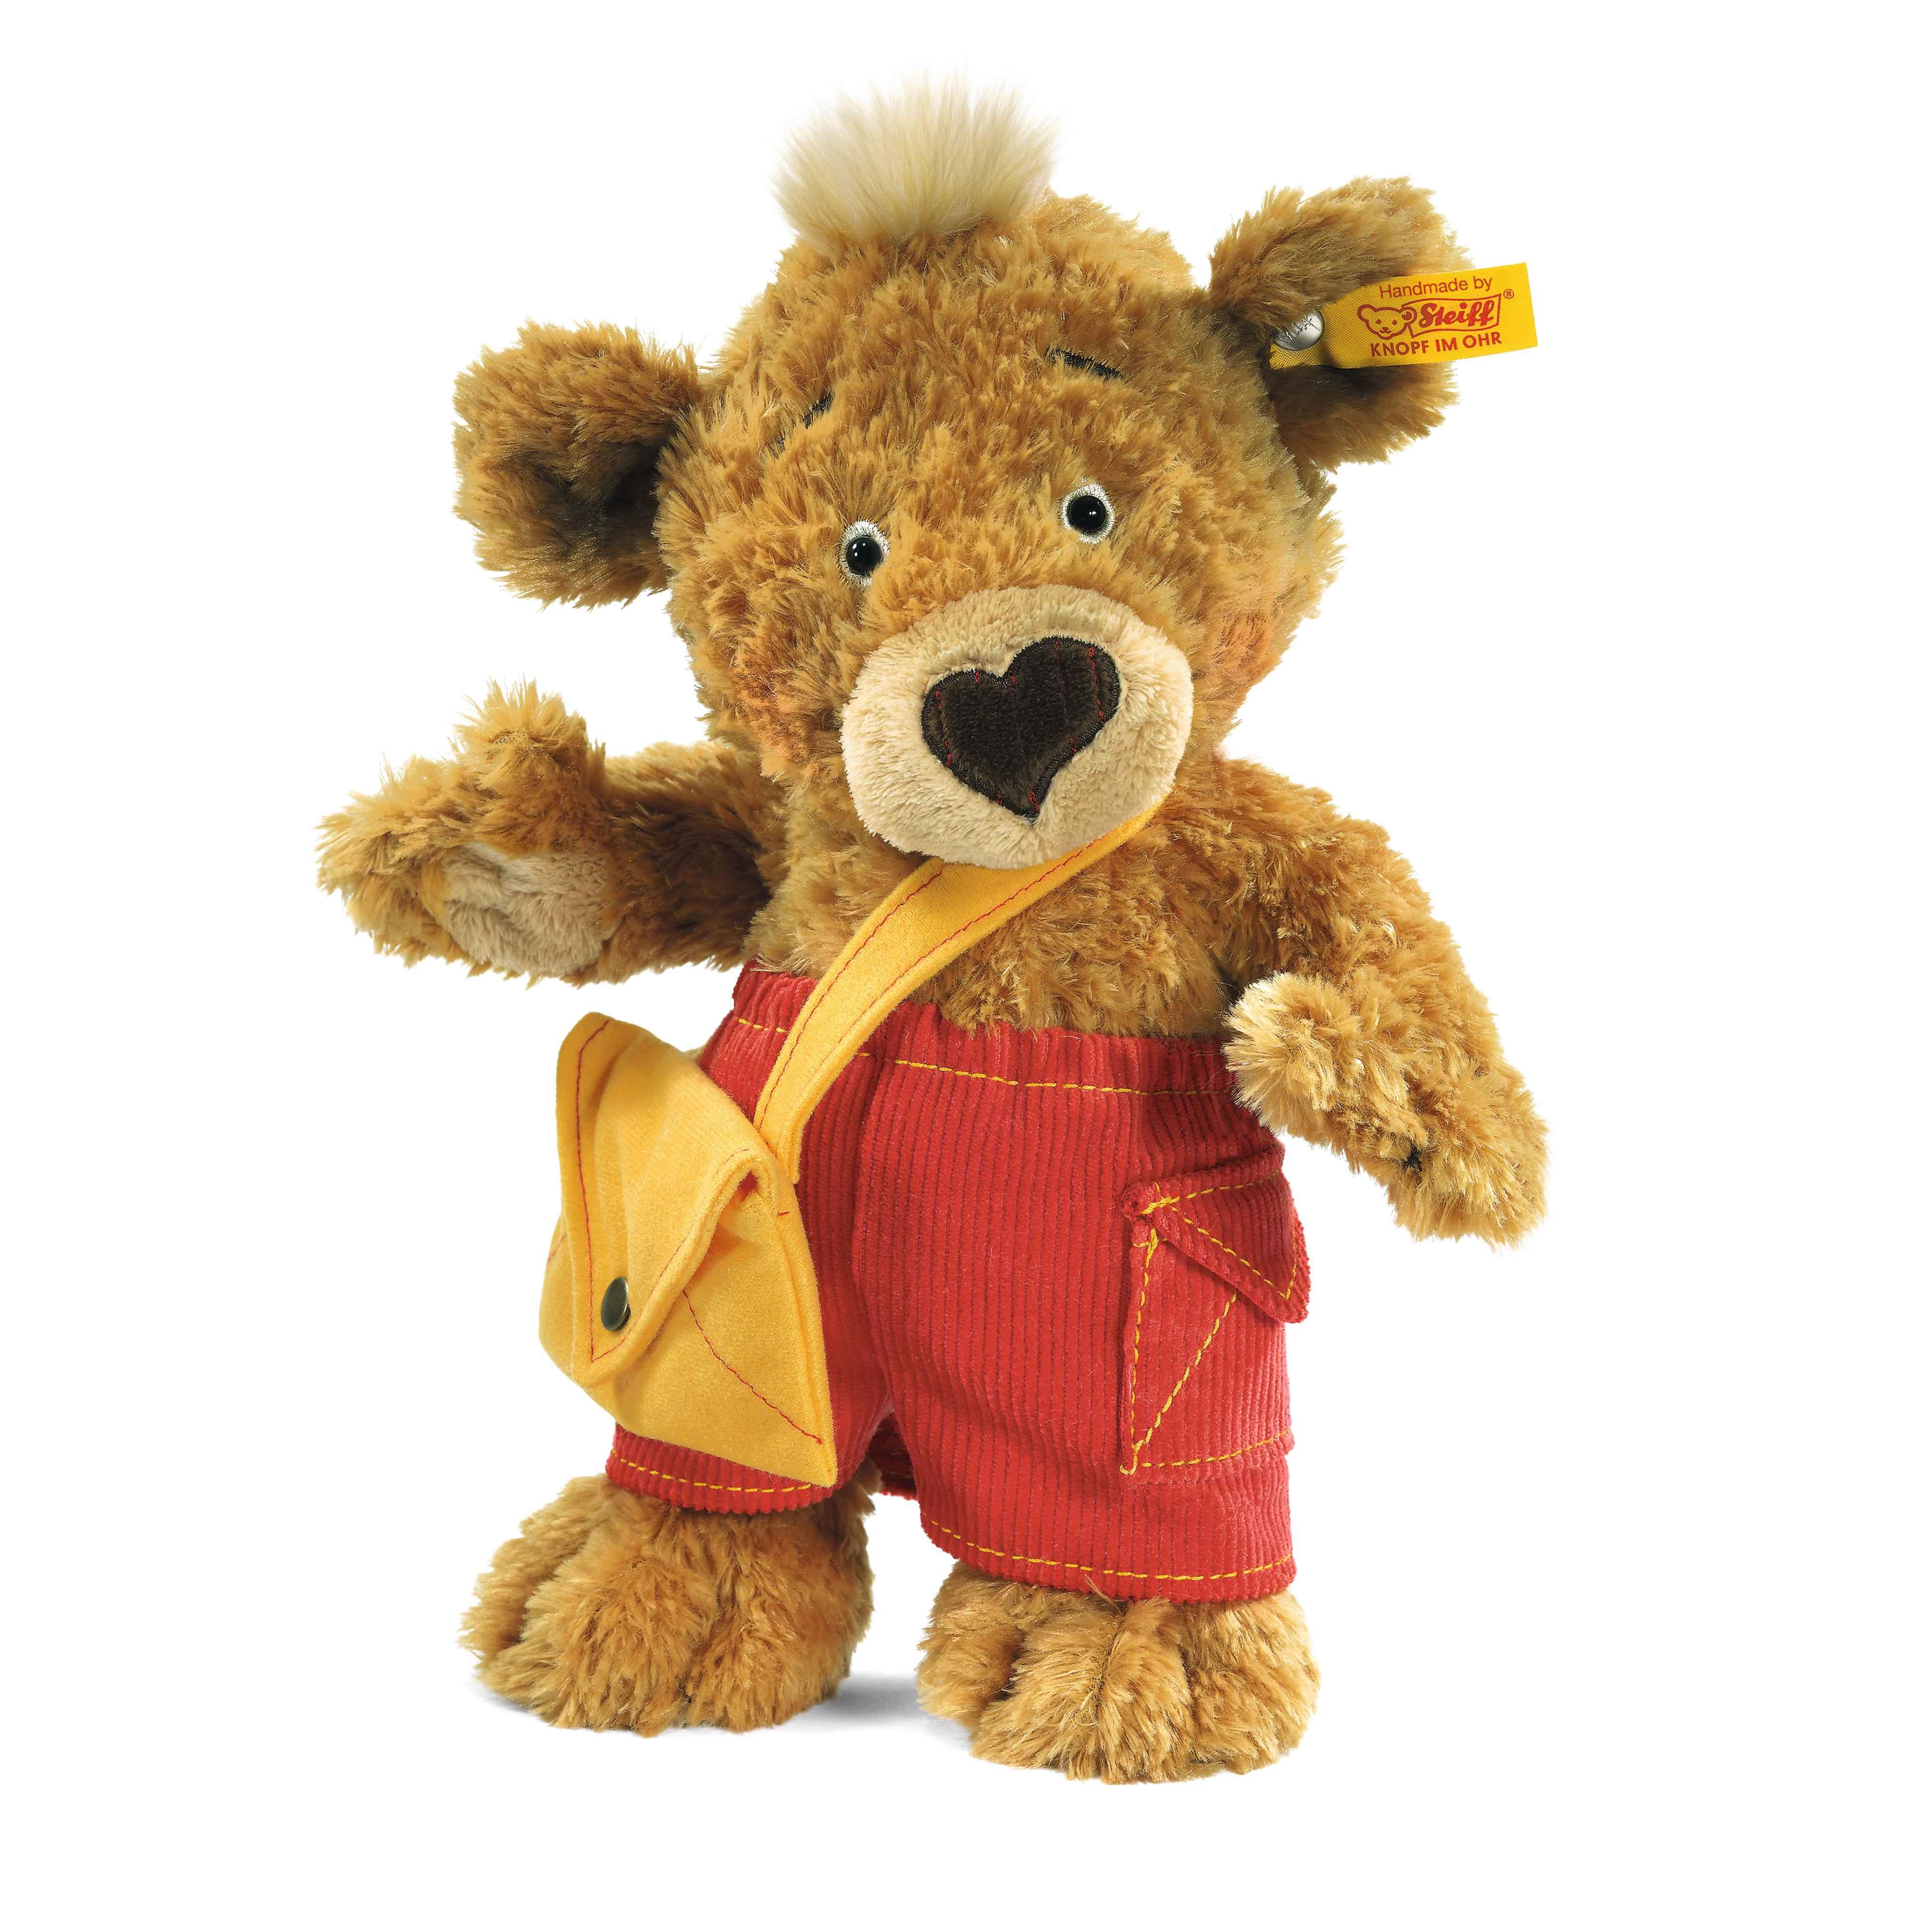 Steiff 史戴芙 Knopf泰迪熊 毛绒玩具 金黄色 25cm 4001505014444